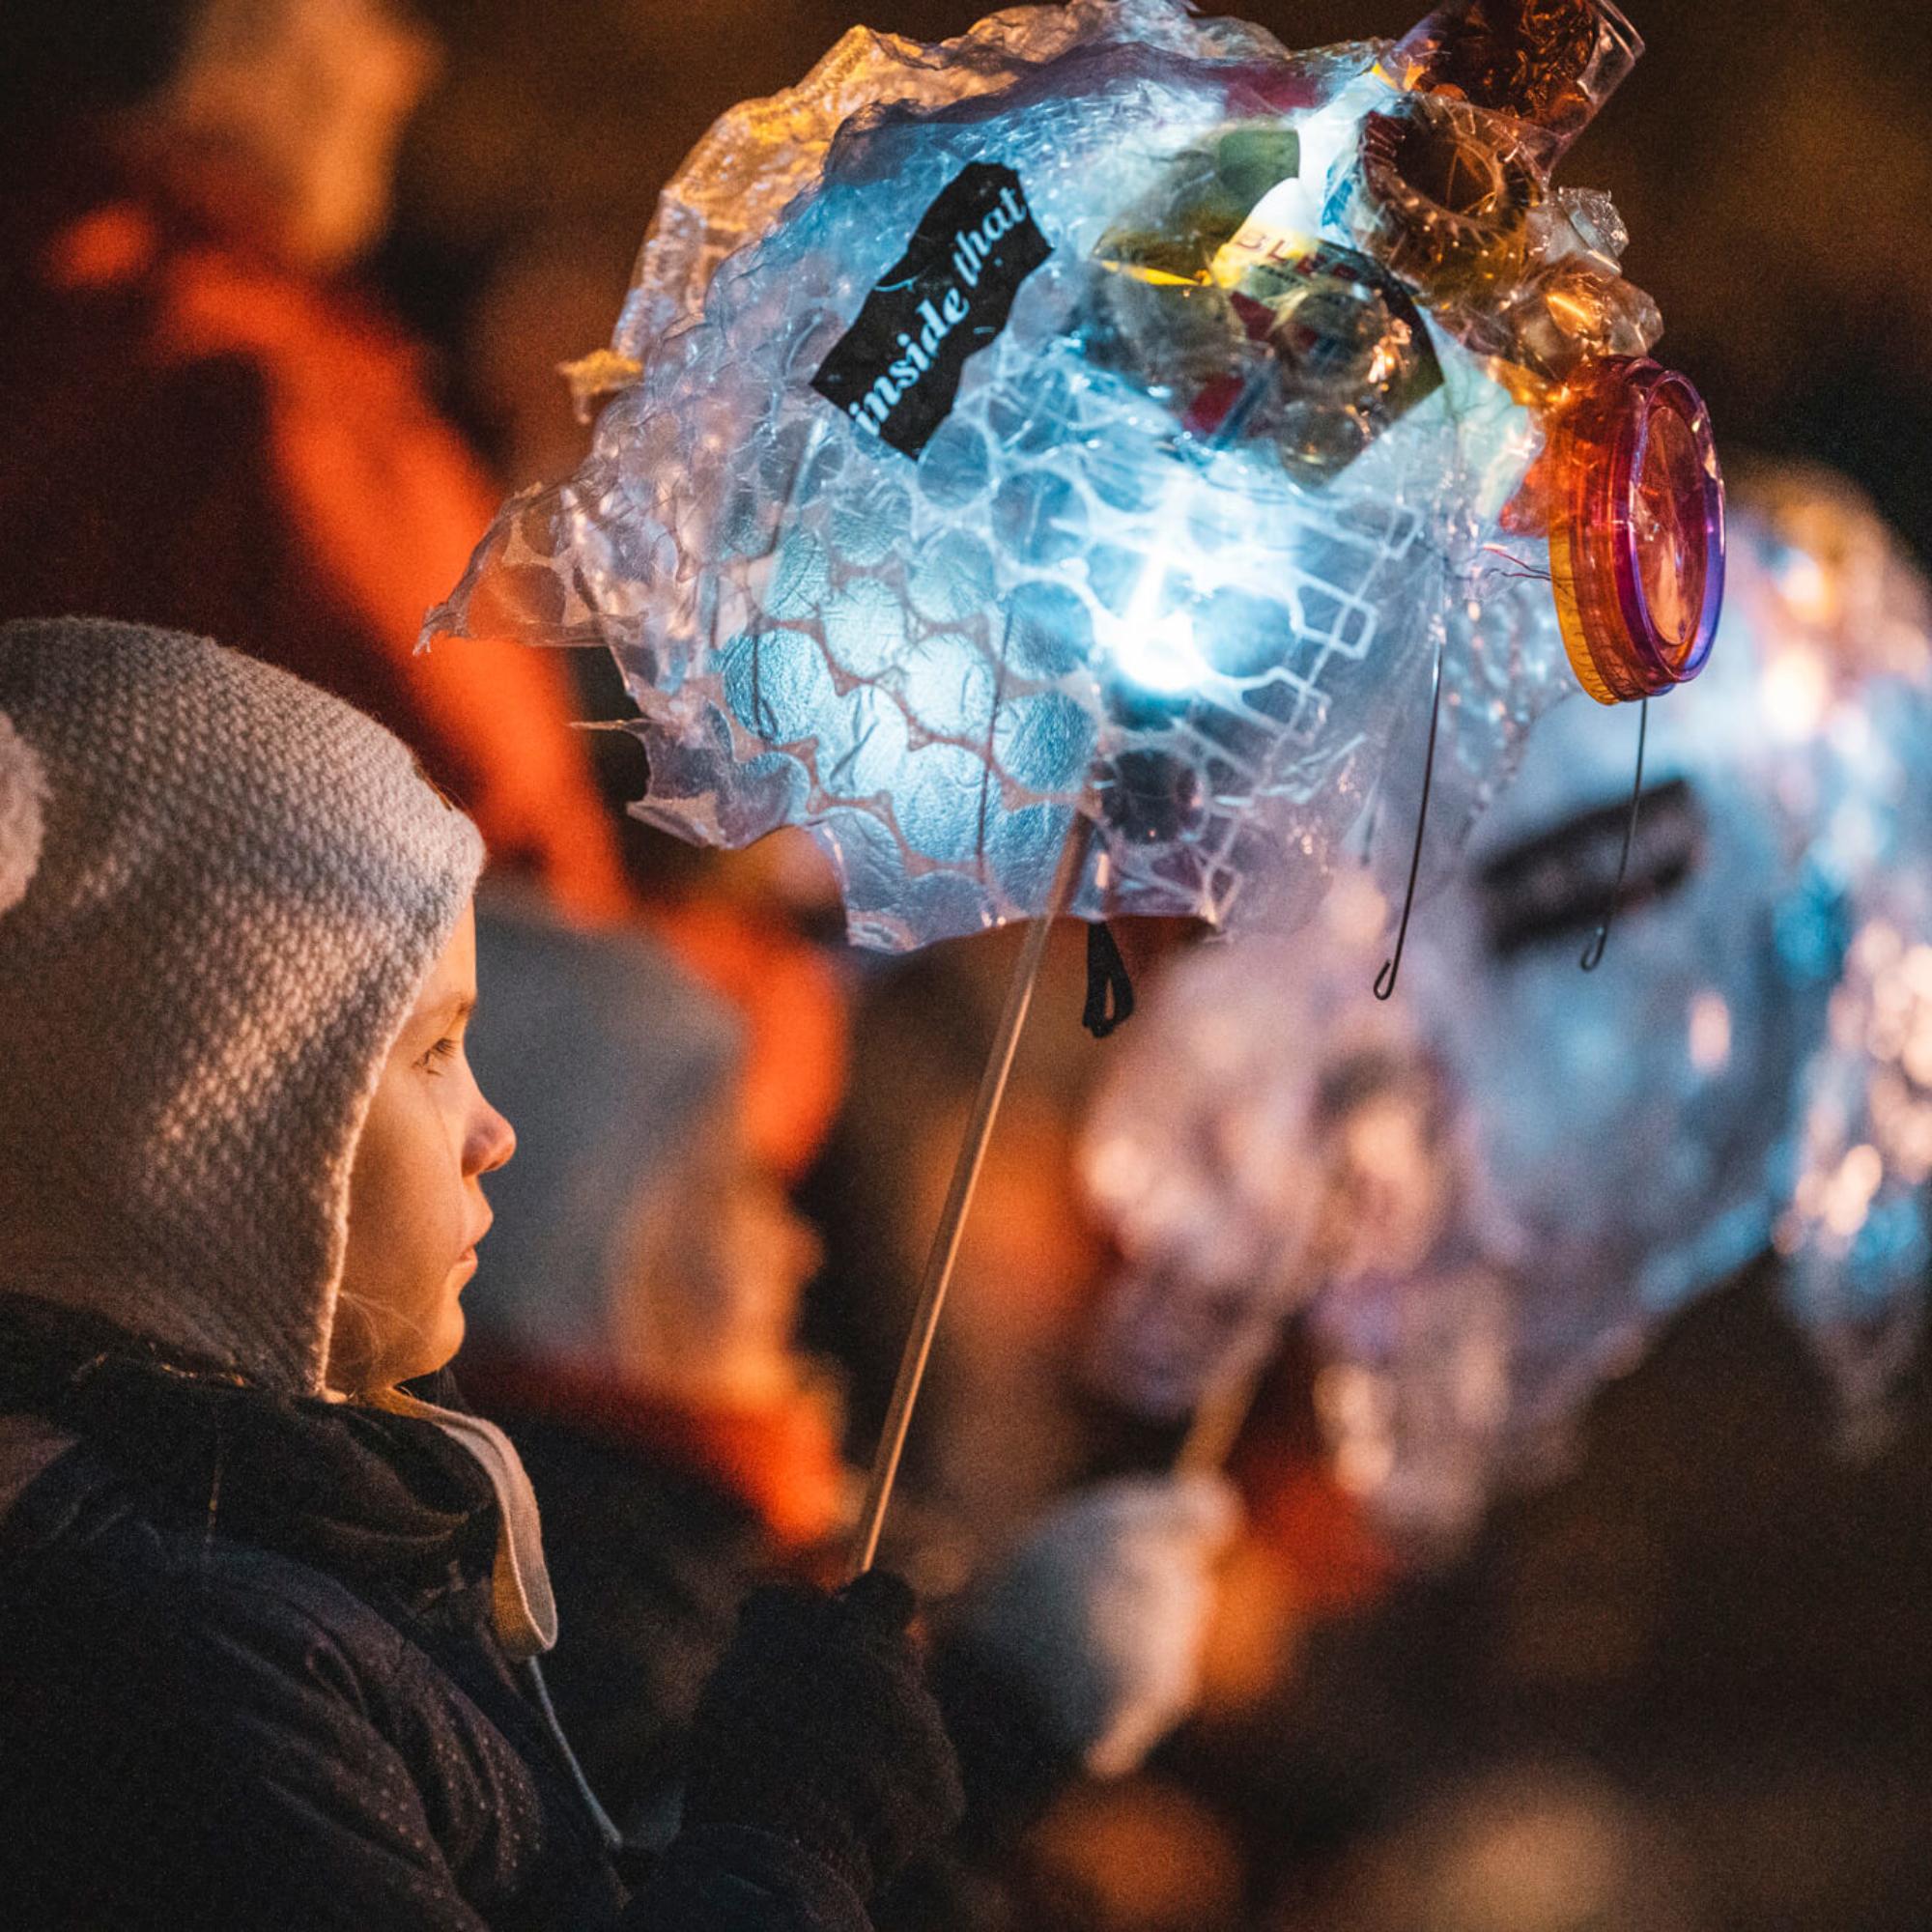 Vaasan kaupungin taiteen perusopetuksen (TaiKon) VALOA – LJUS -tapahtuma 20.11.2019. / Vasa stads grundläggande konstundervisning (TaiKon) VALOA – LJUS -evenemanget 20.11.2019.